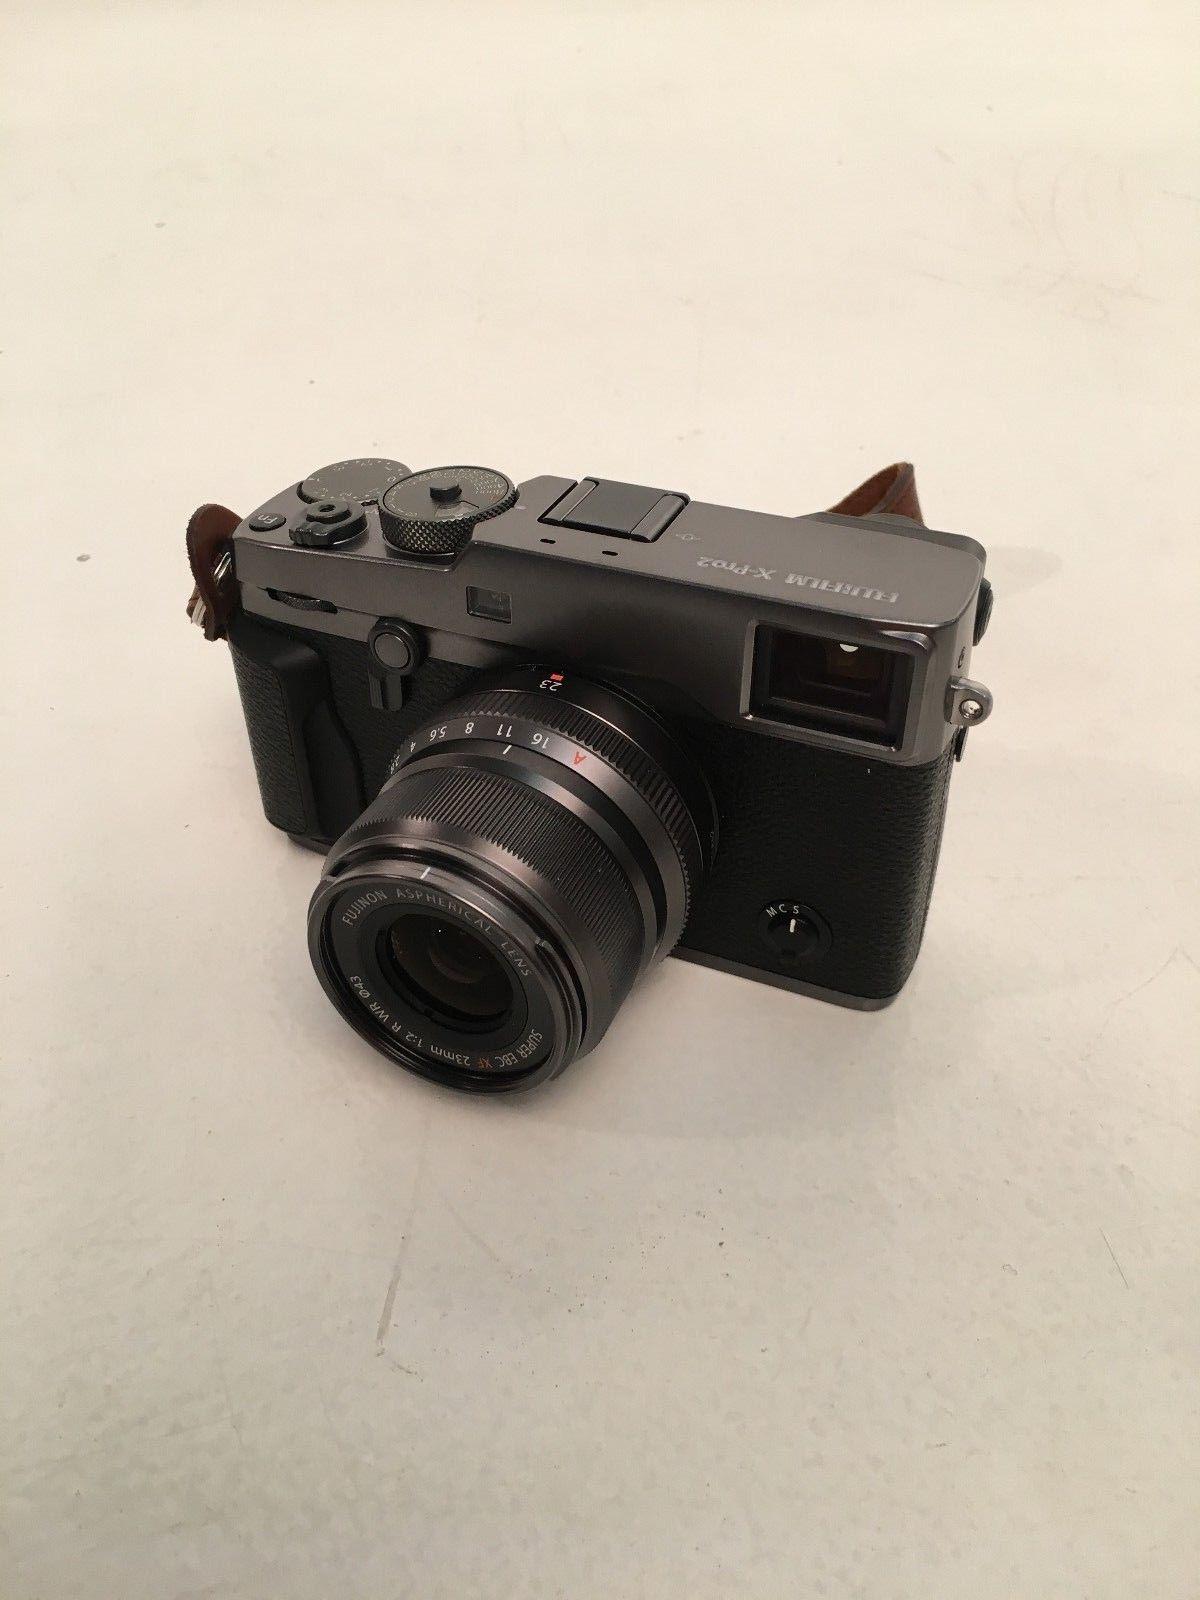 Fujifilm X-pro 2 graphite edition + 23mm f2 graphite